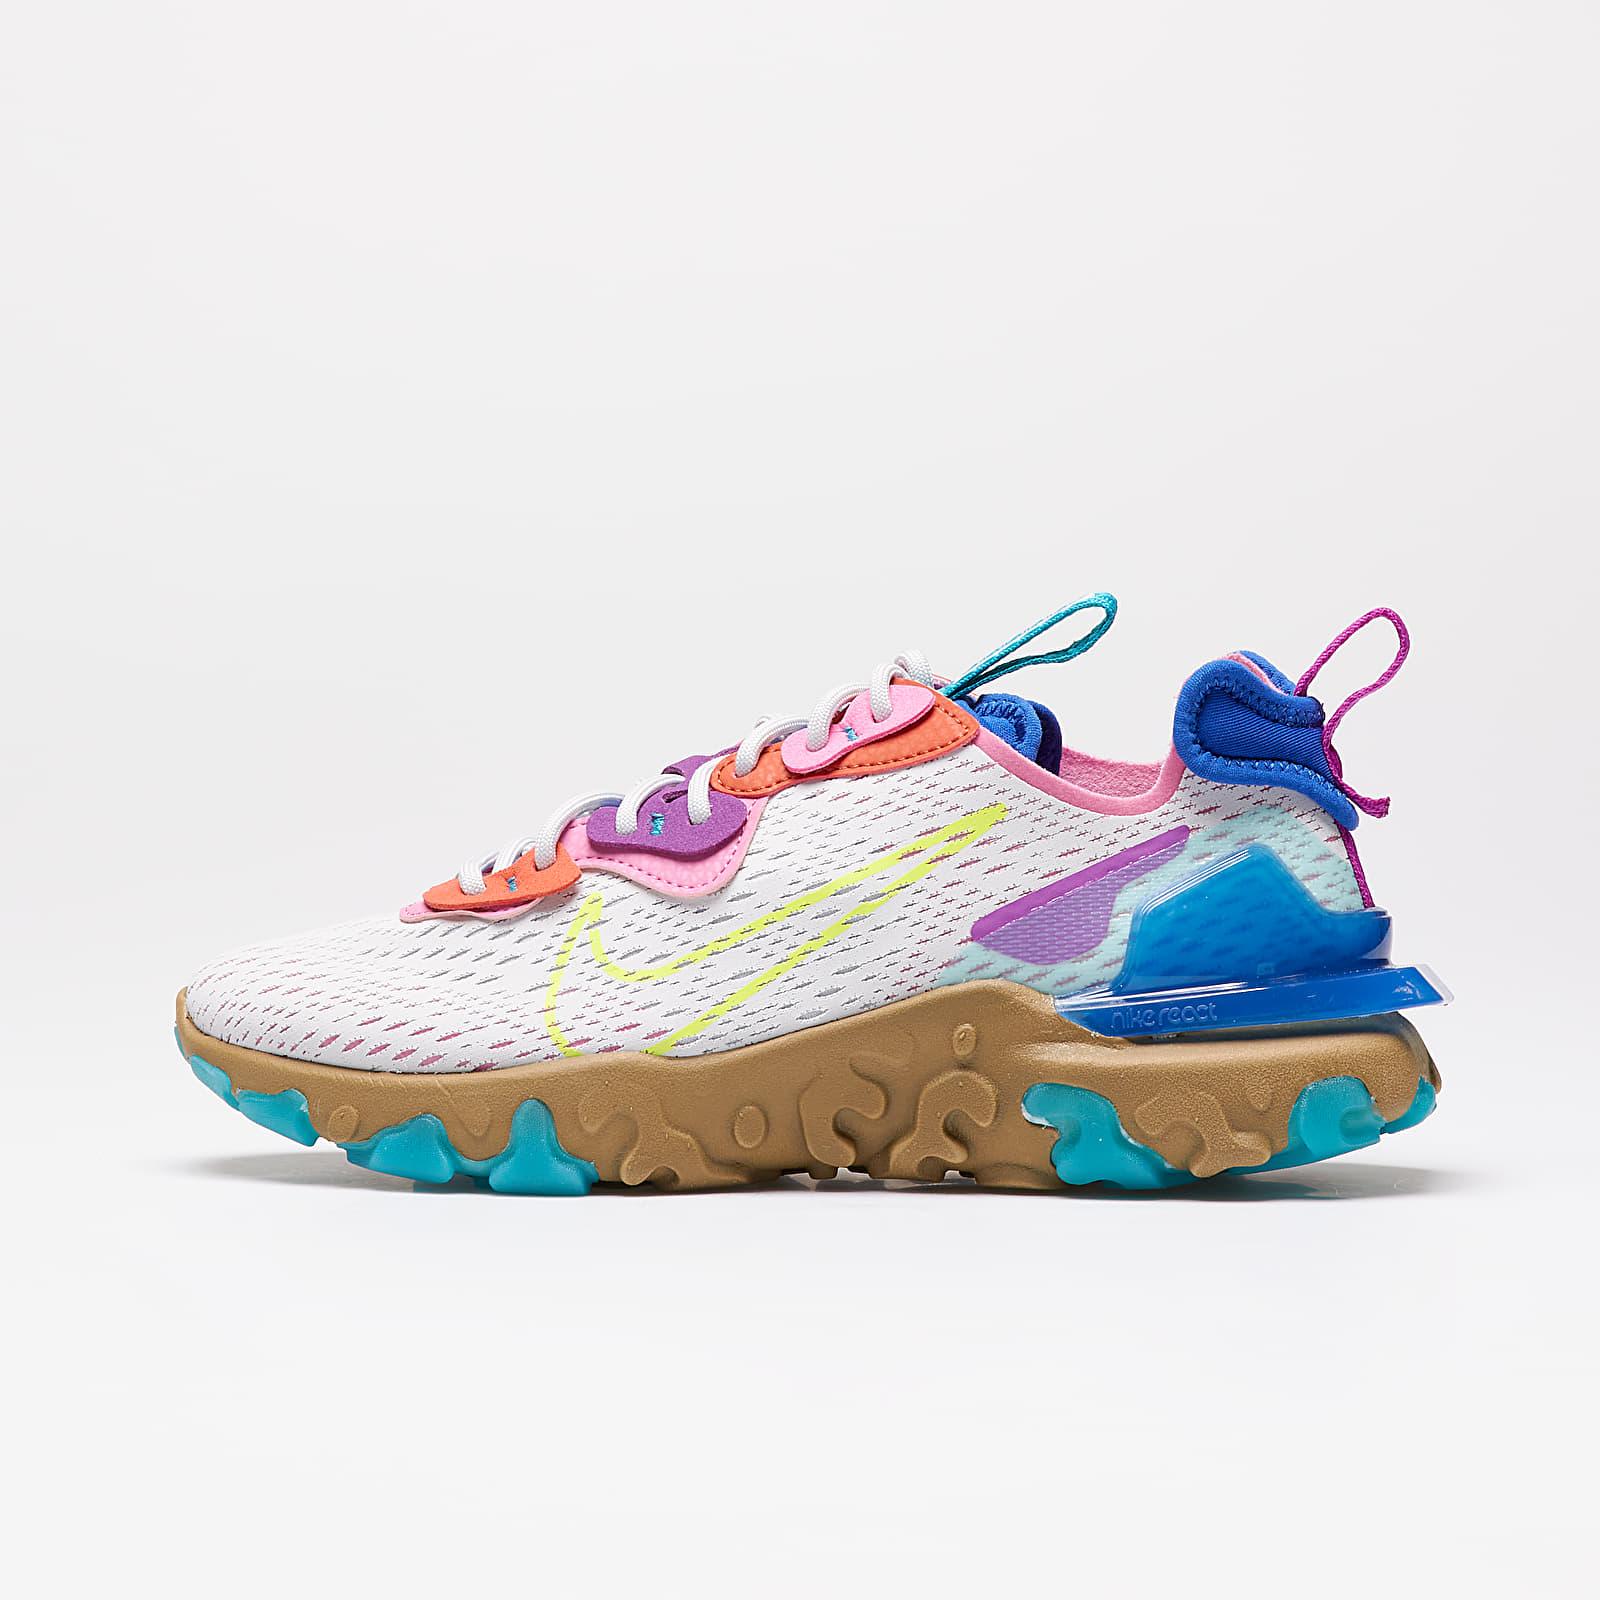 Încălțăminte și sneakerși pentru femei Nike W Nsw React Vision Photon Dust/ Lemon Venom-Hyper Blue